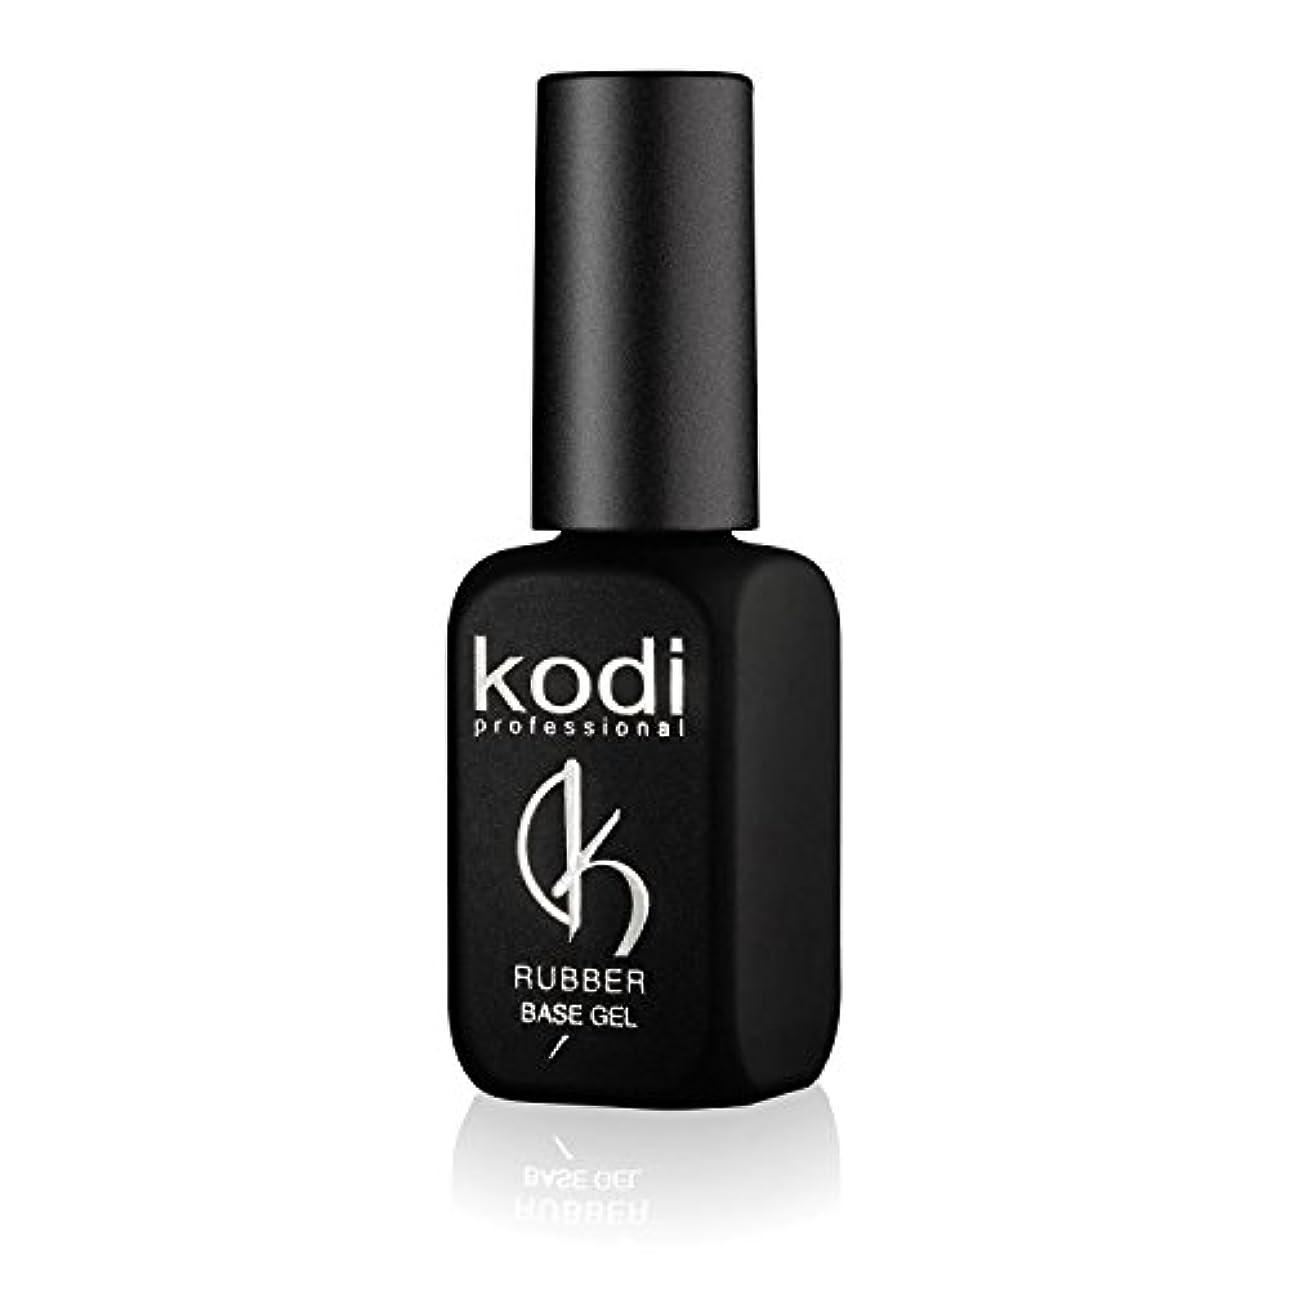 毒交換可能離婚Professional Rubber Base Gel By Kodi | 12ml 0.42 oz | Soak Off, Polish Fingernails Coat Gel | For Long Lasting...